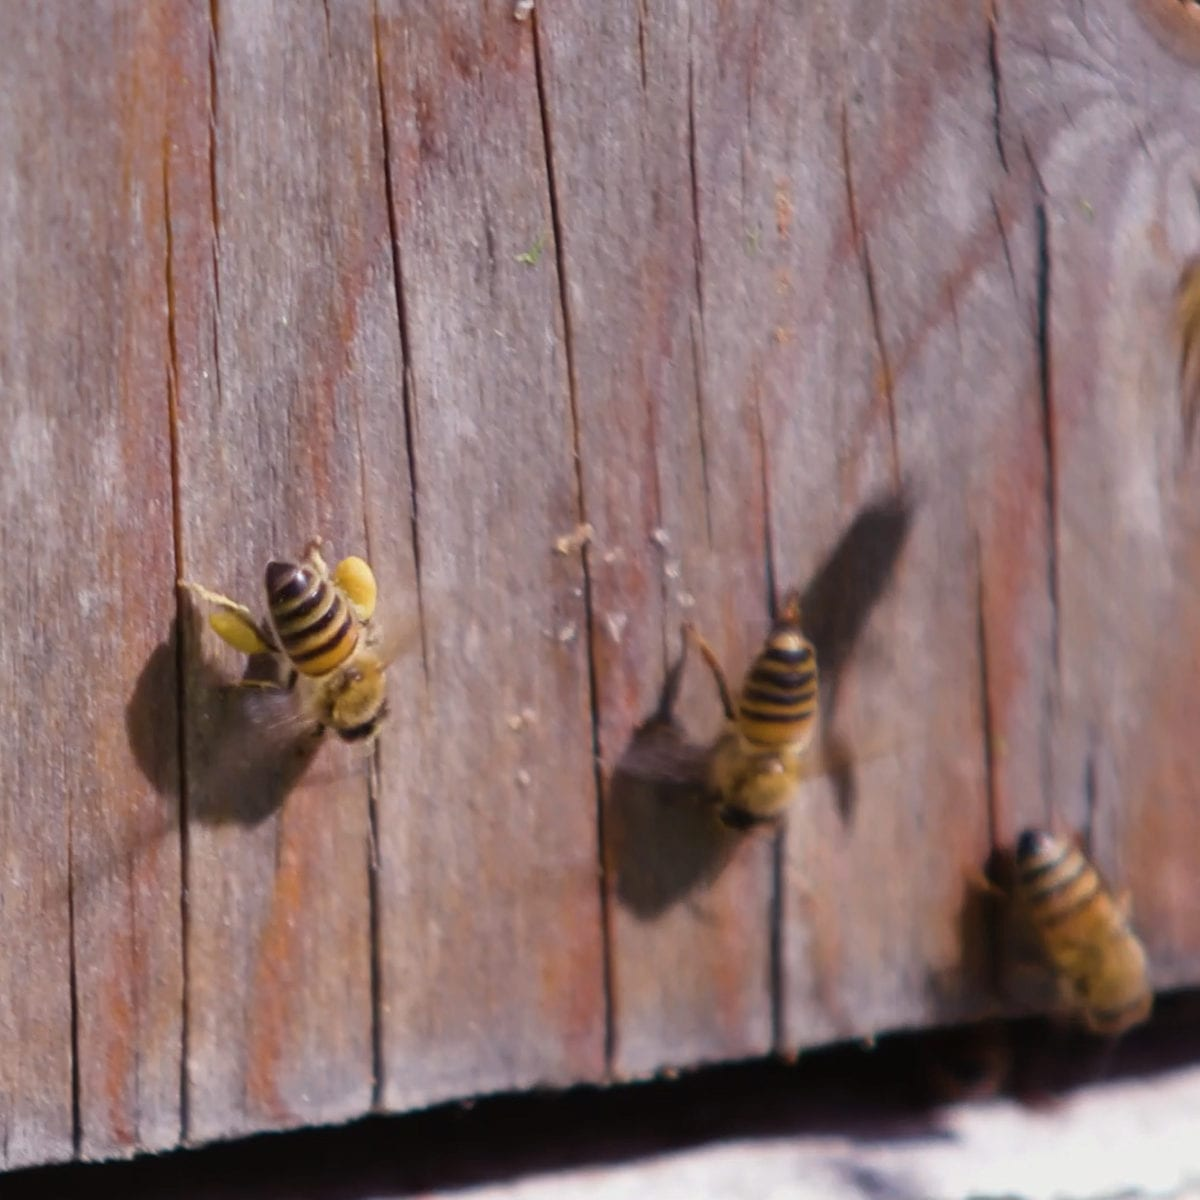 om pollinering i ekologisk biodling